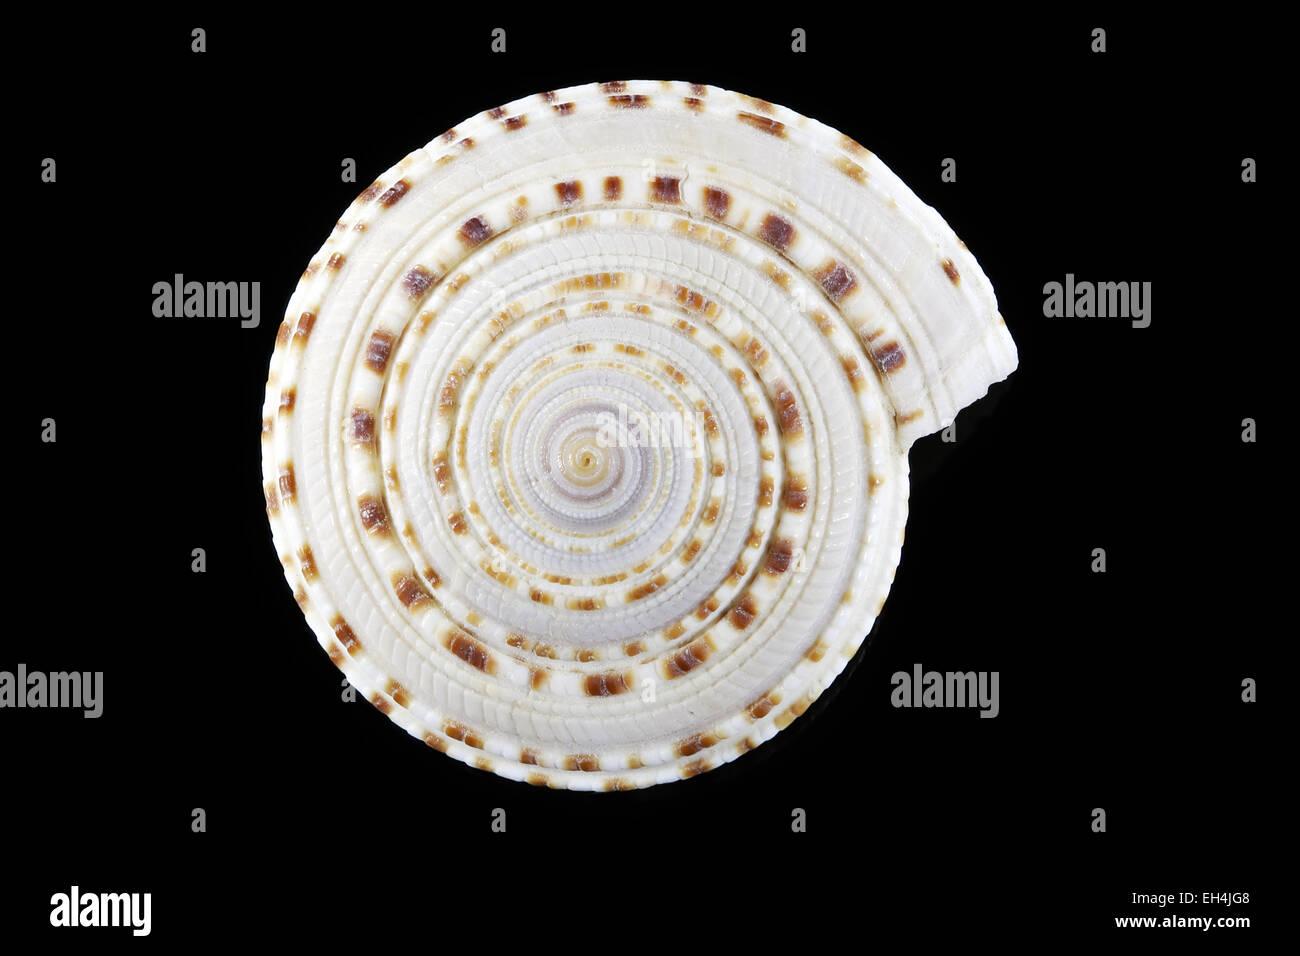 Seashell demonstrating sacred geometry or logarithmic spiral - Stock Image